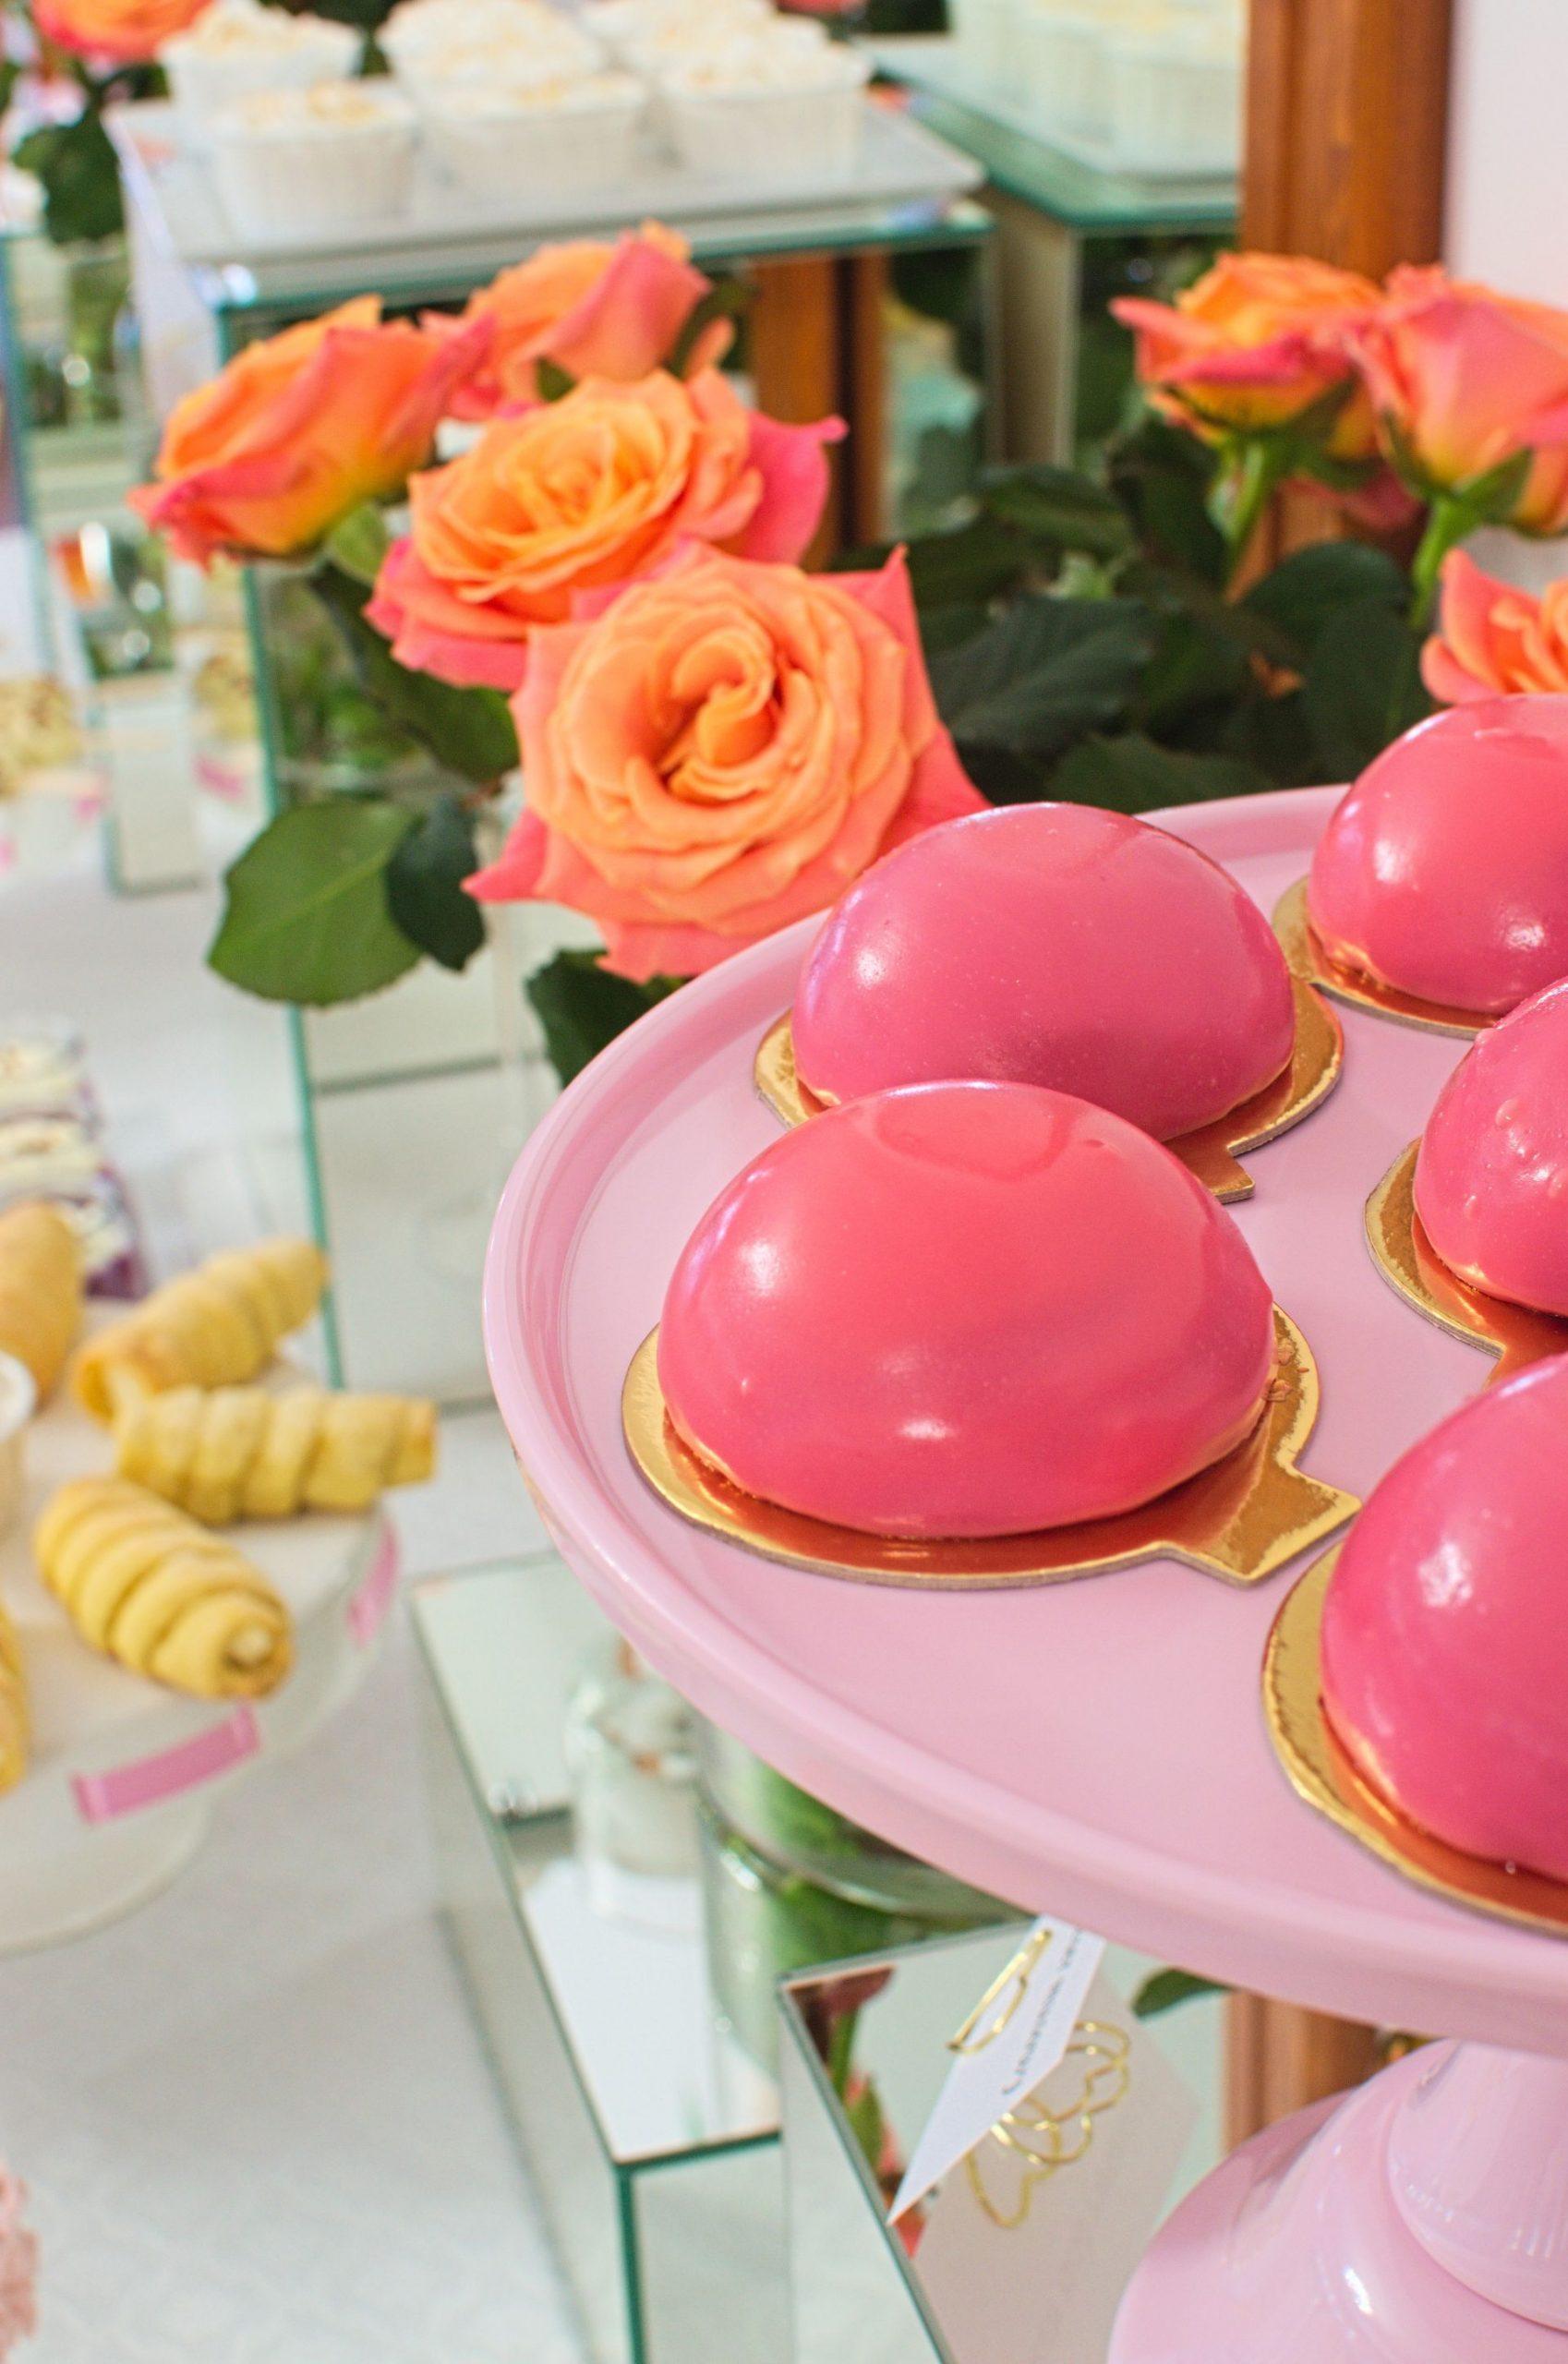 Deser monoporcja na słodkim stole